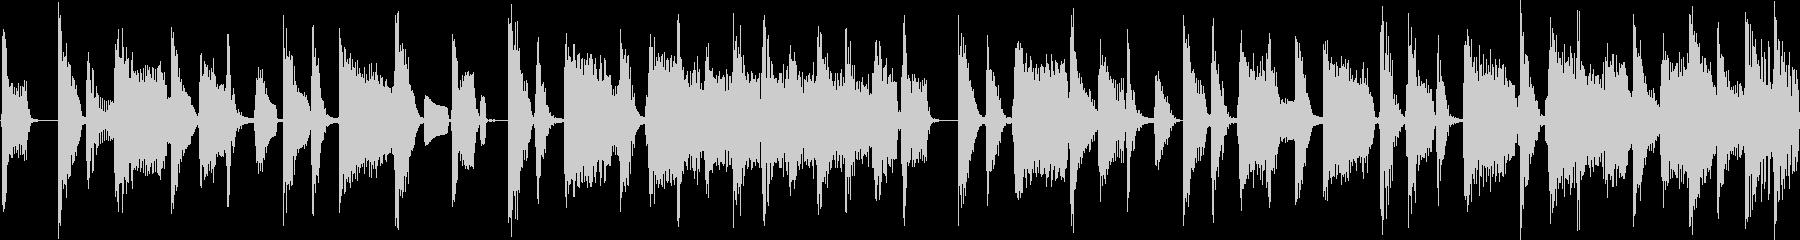 ソウル&ブルース系ダークな雰囲気_ループの未再生の波形